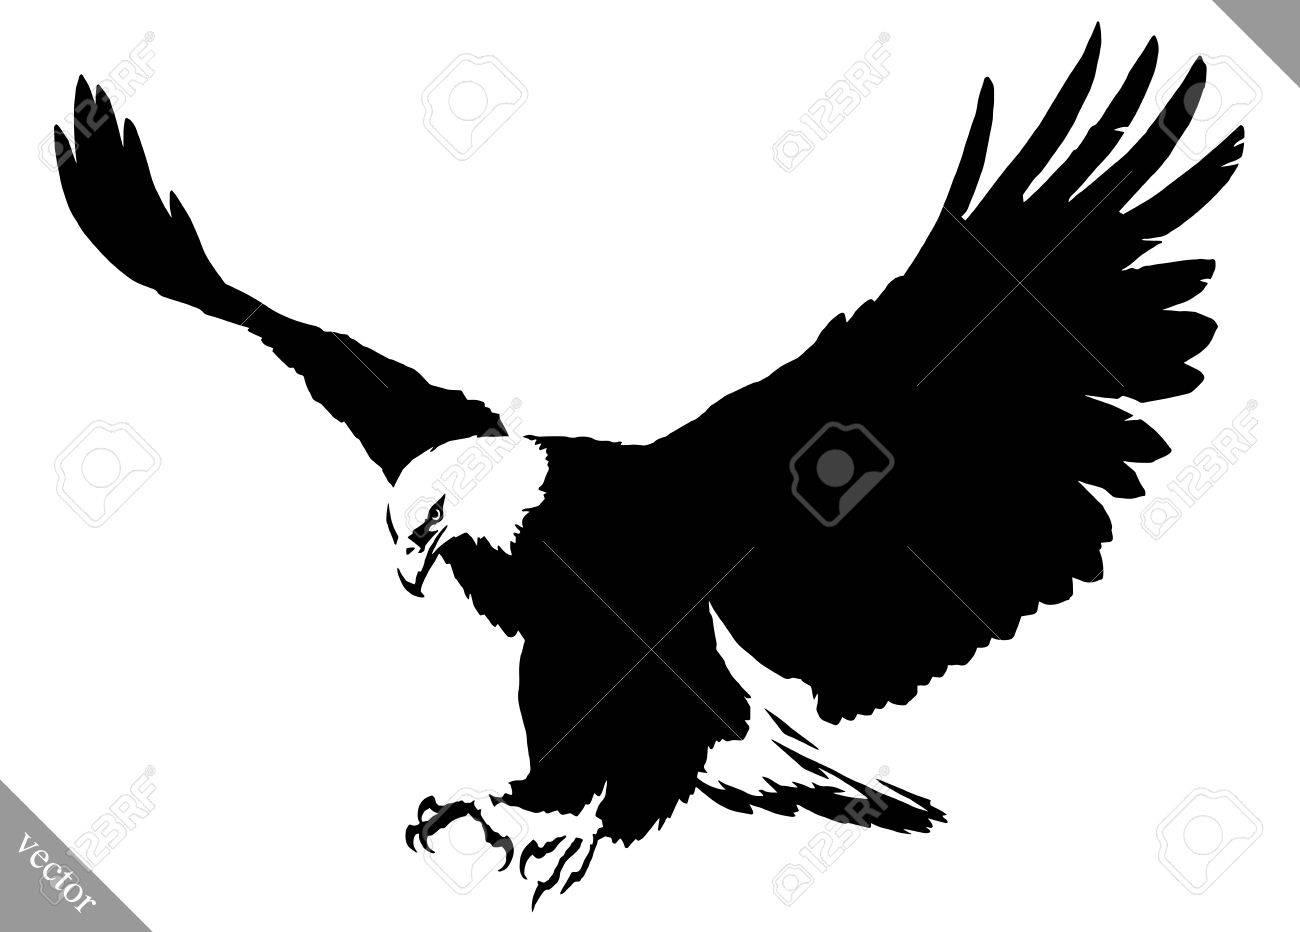 Noir Et Blanc Peinture Linéaire Dessiner Aigle Vecteur Illustration Oiseau